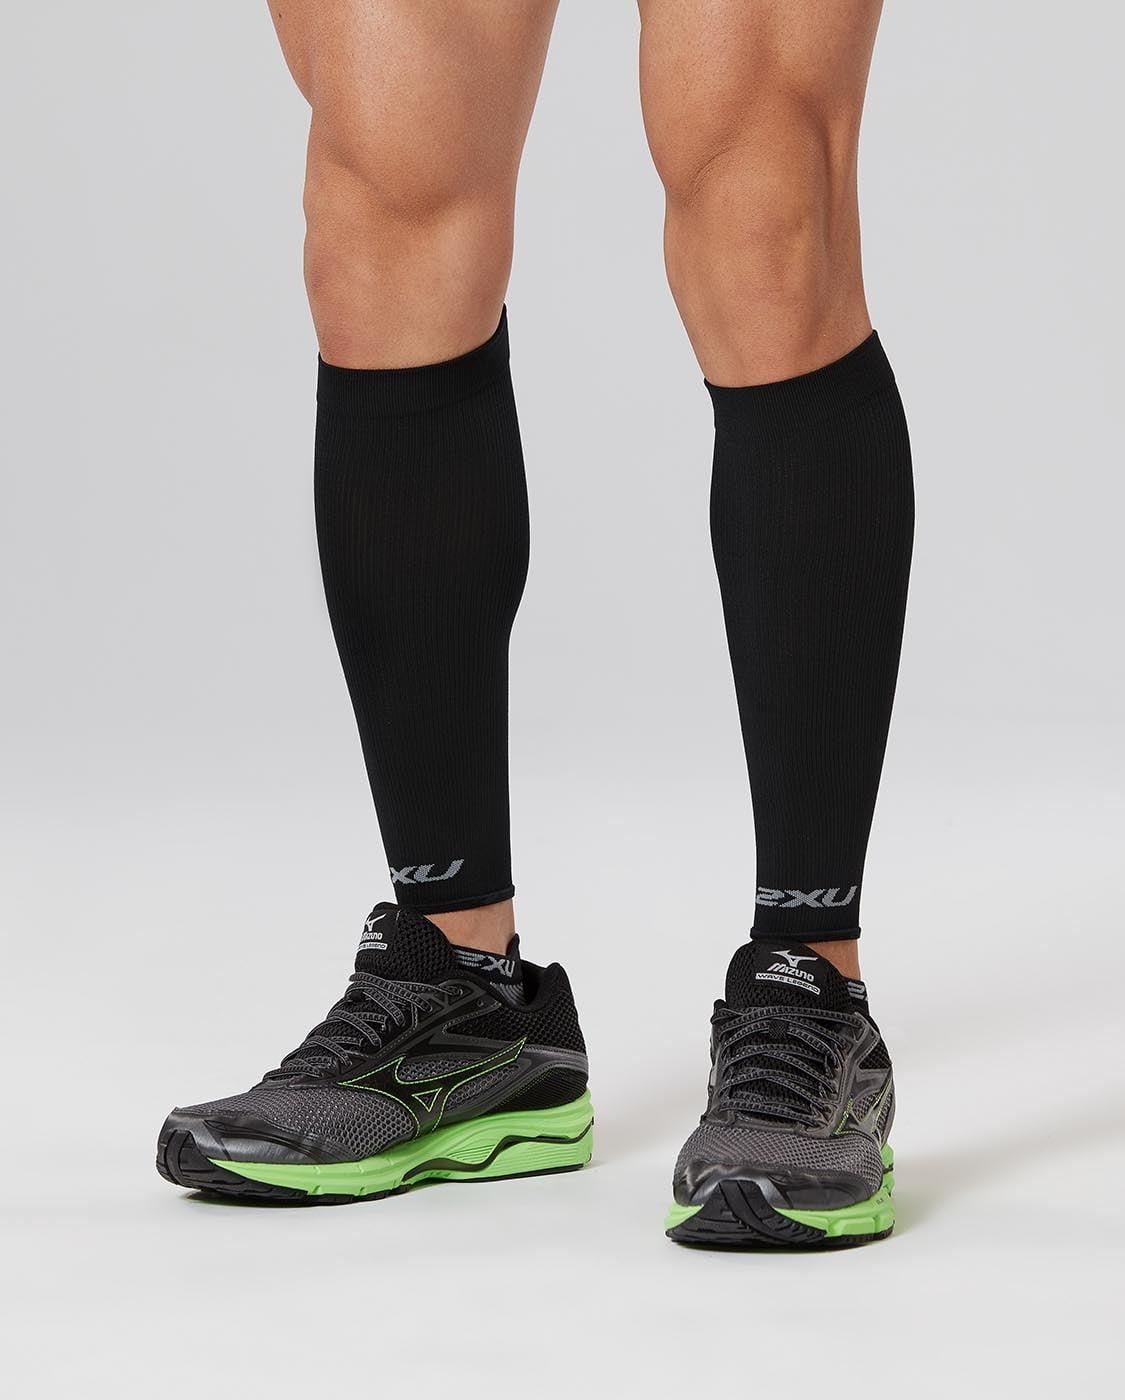 Κάλτσα συμπίεσης κνήμης 2XU ( Compression Calf Sleeves ) UA4509b